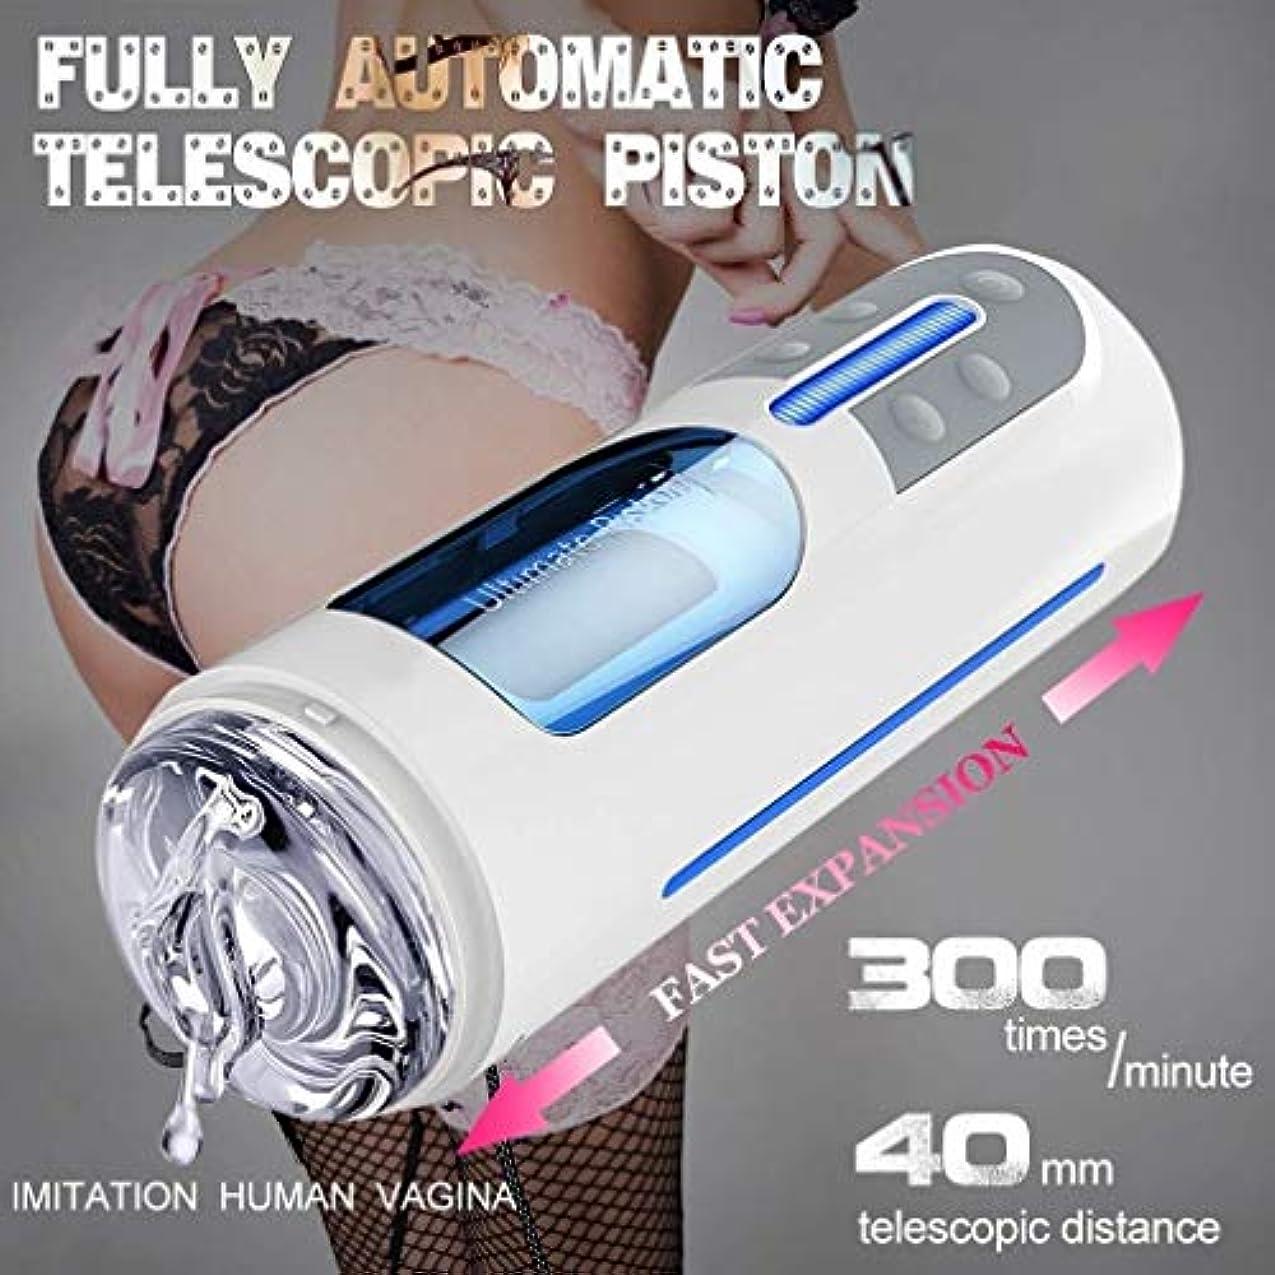 コーデリア取り組む浸す男性用セックスマシンピストン男性マシュターバターカップマルチスピード周波数マルチアングルサックテレスコピック電気10振動モード5スピード